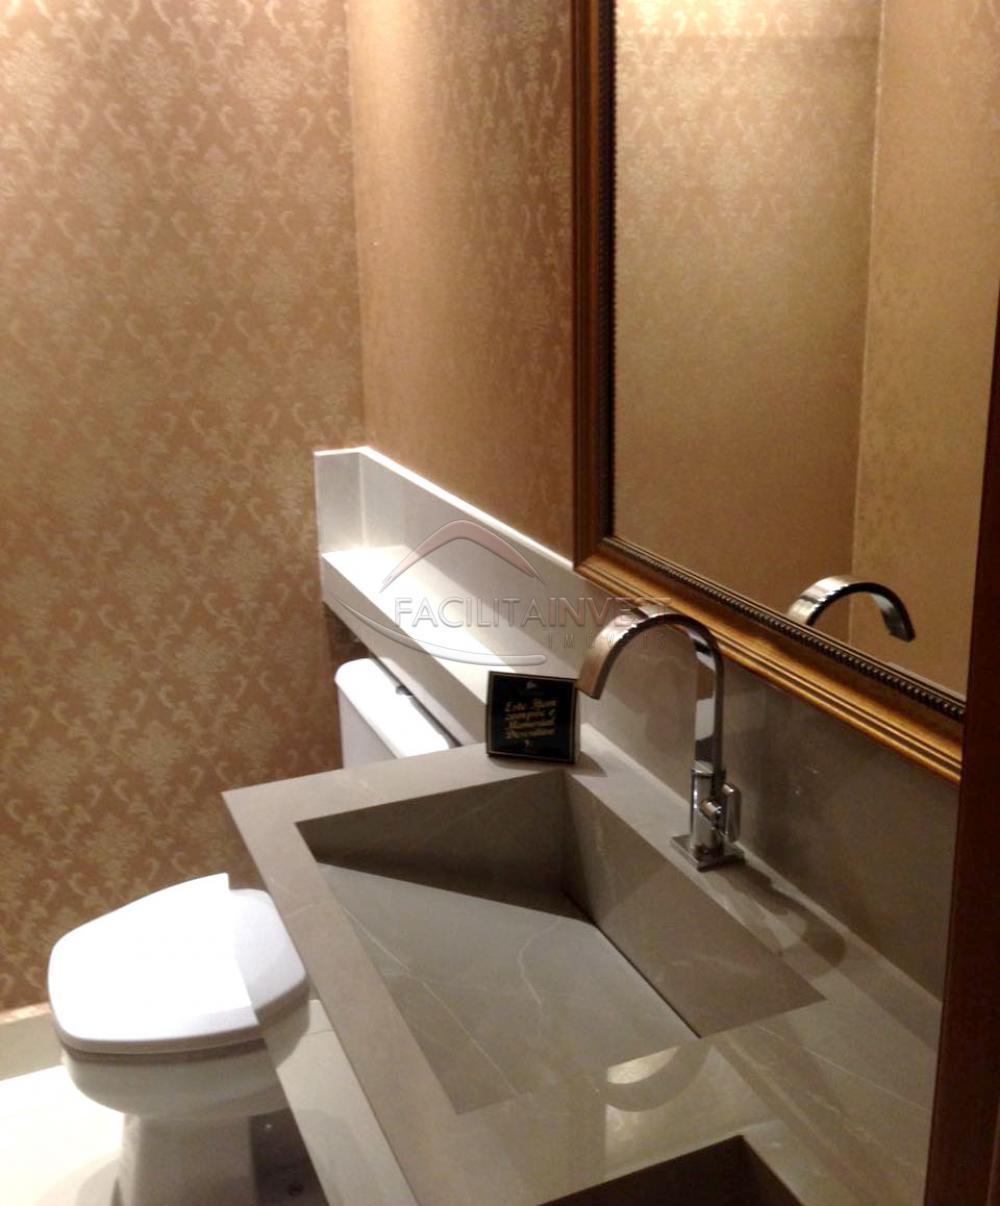 Comprar Lançamentos/ Empreendimentos em Construç / Apartamento padrão - Lançamento em Ribeirão Preto apenas R$ 950.567,00 - Foto 6